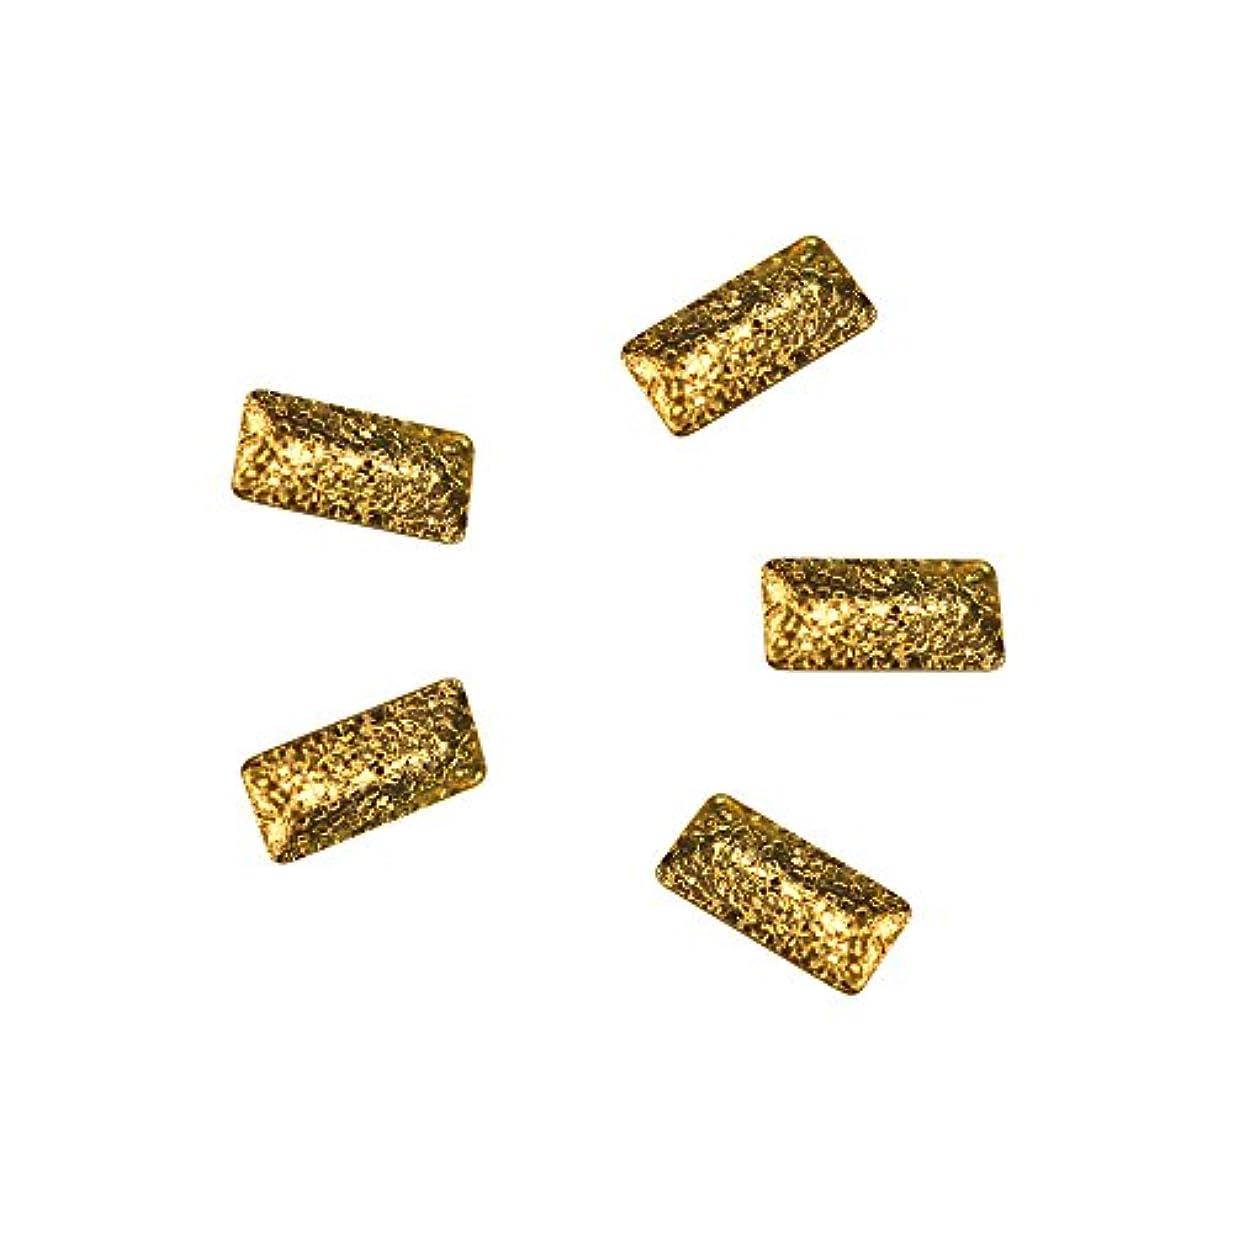 背景スペース不確実Bonnail ラフスタッズゴールド レクタングル 3×1.2mm 30P